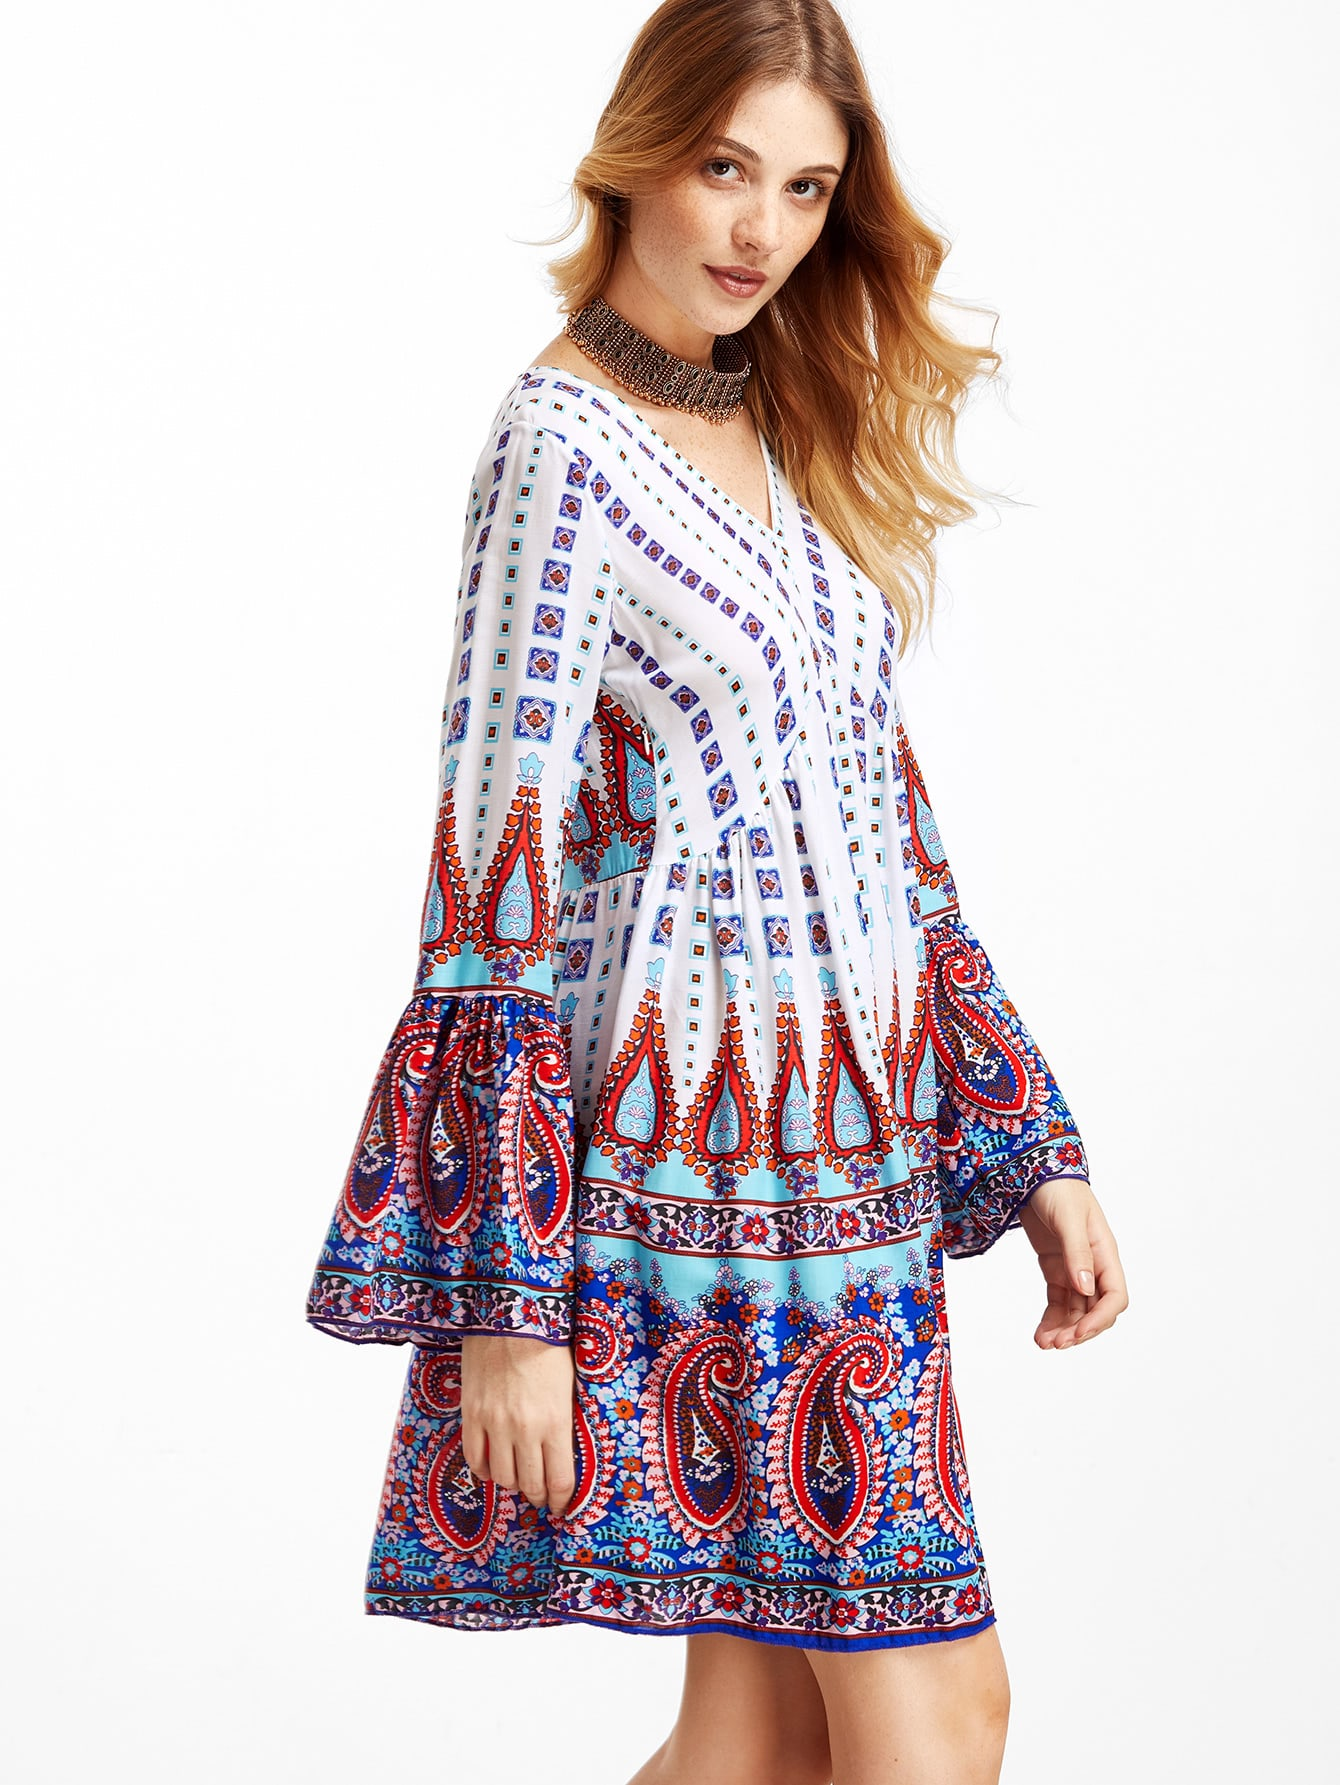 dress161005106_2